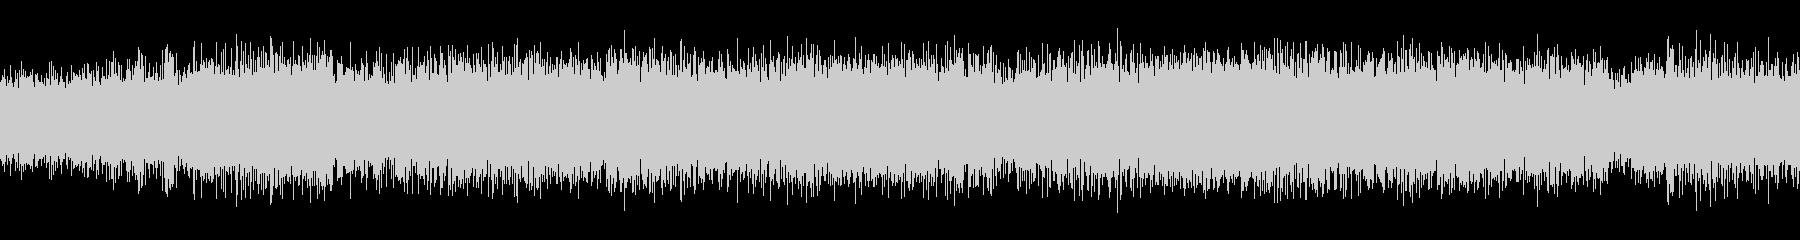 ミニトランジスターラジオ:静的ラジ...の未再生の波形